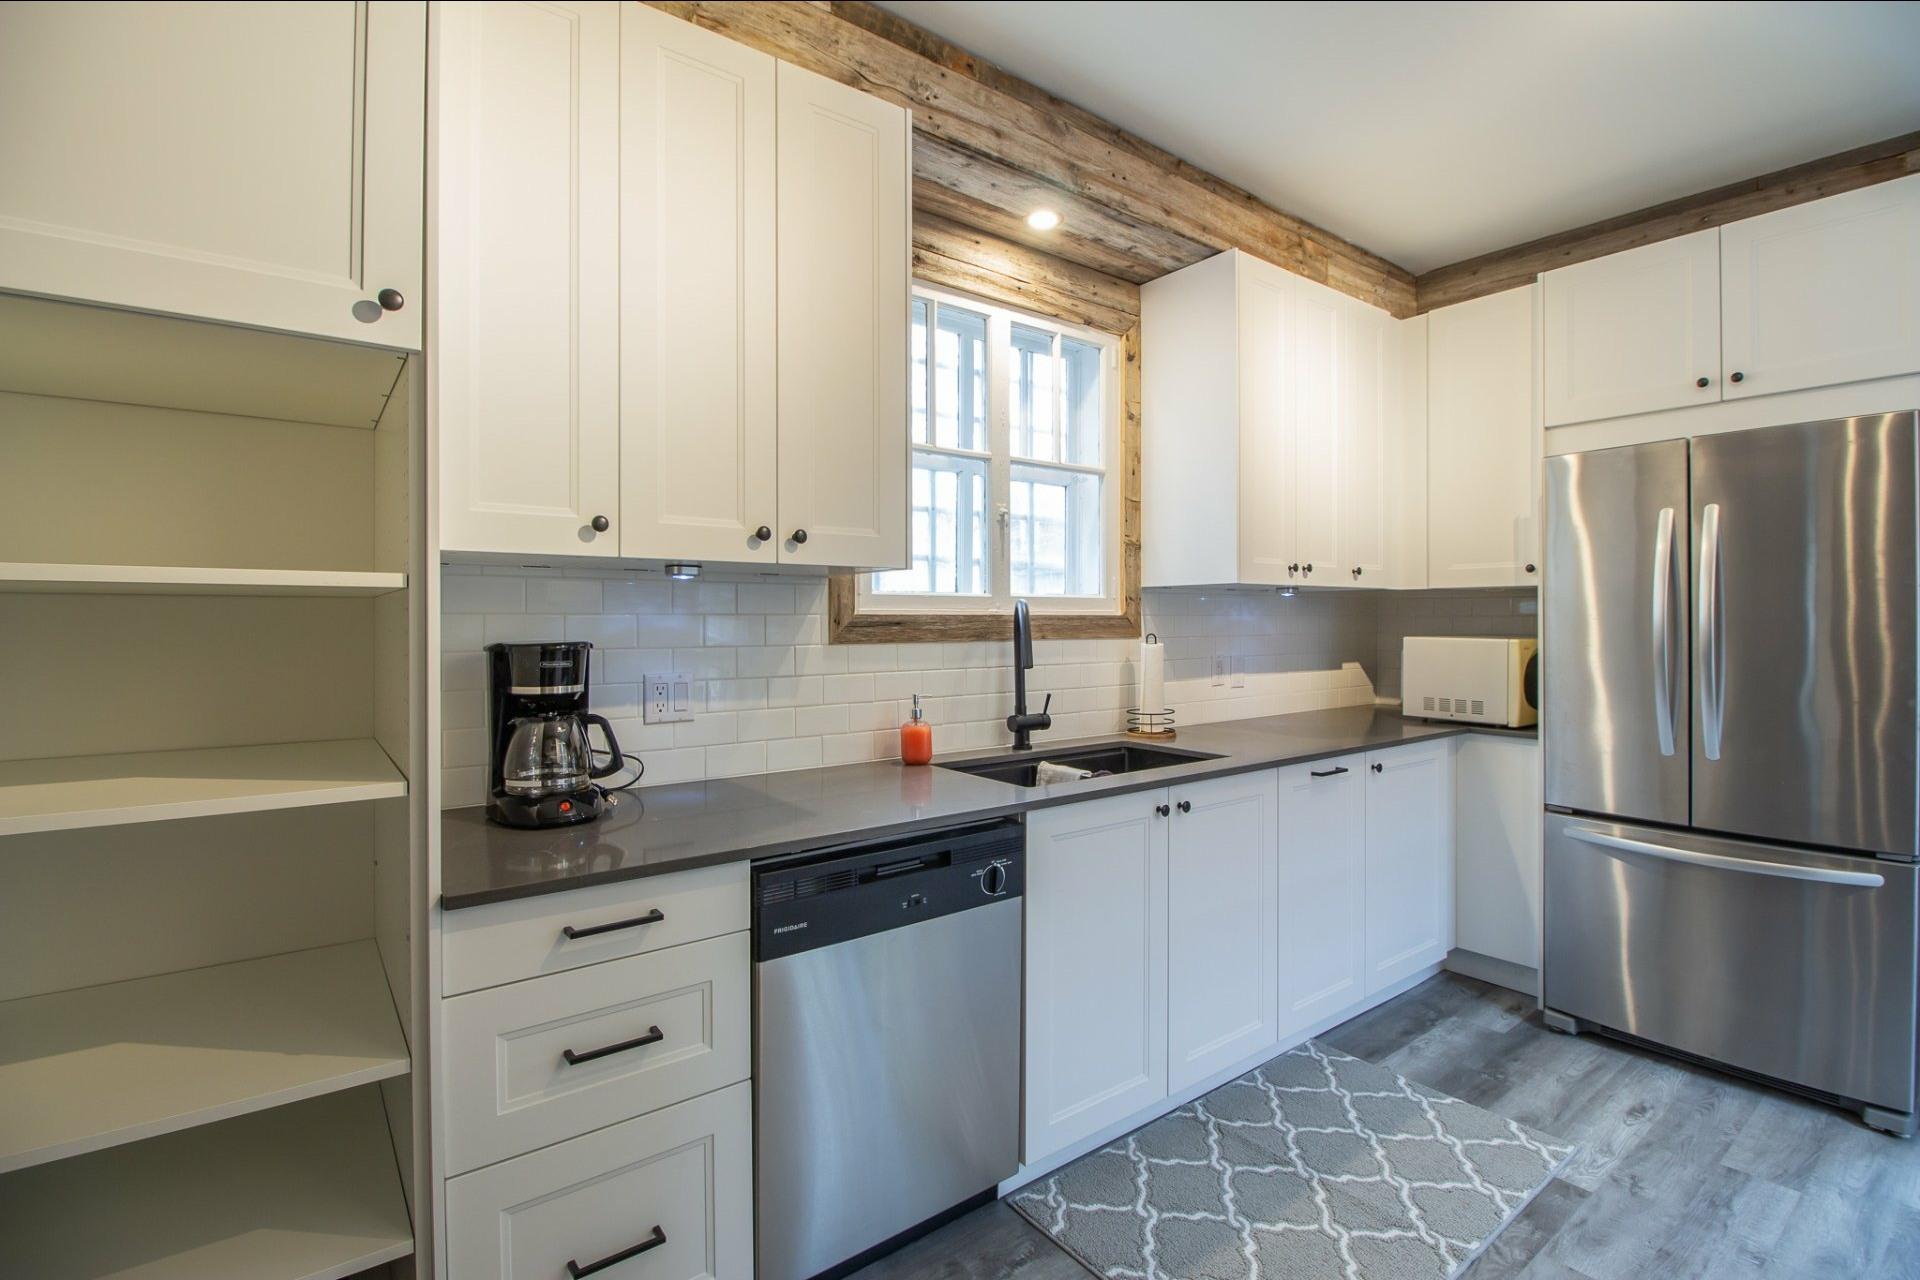 image 5 - House For rent Côte-des-Neiges/Notre-Dame-de-Grâce Montréal  - 8 rooms